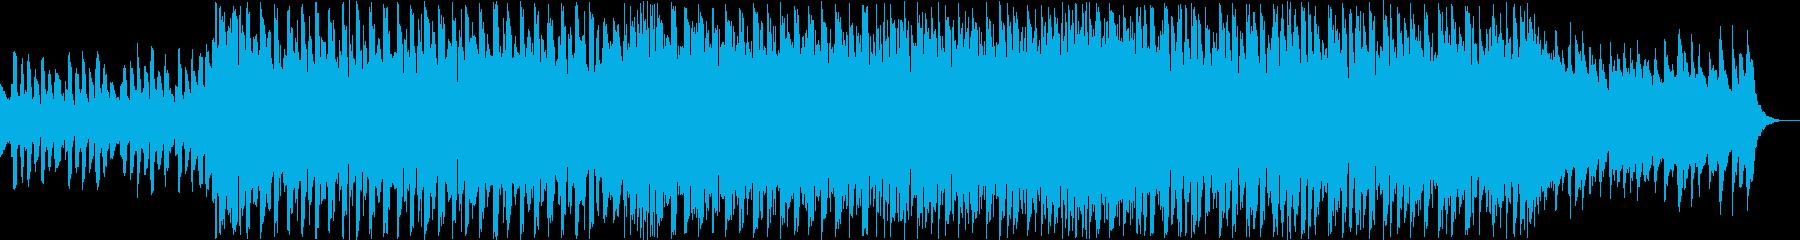 明るく可愛いシンセポップの再生済みの波形